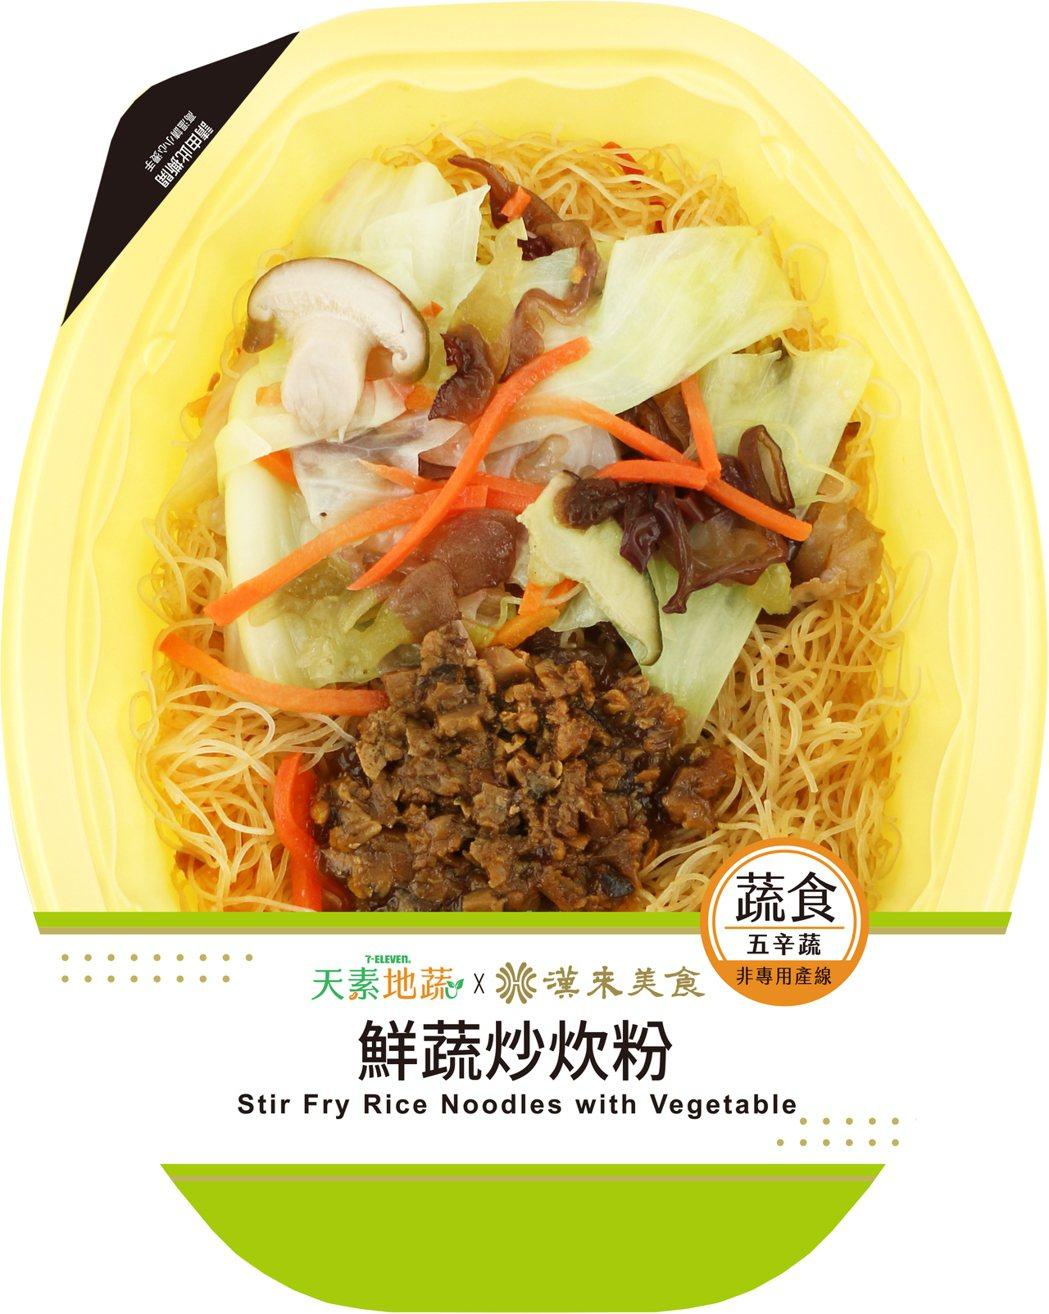 7-ELEVEN推出「漢來美食鮮蔬炒炊粉」(五辛蔬),售價65元,7-ELEVE...